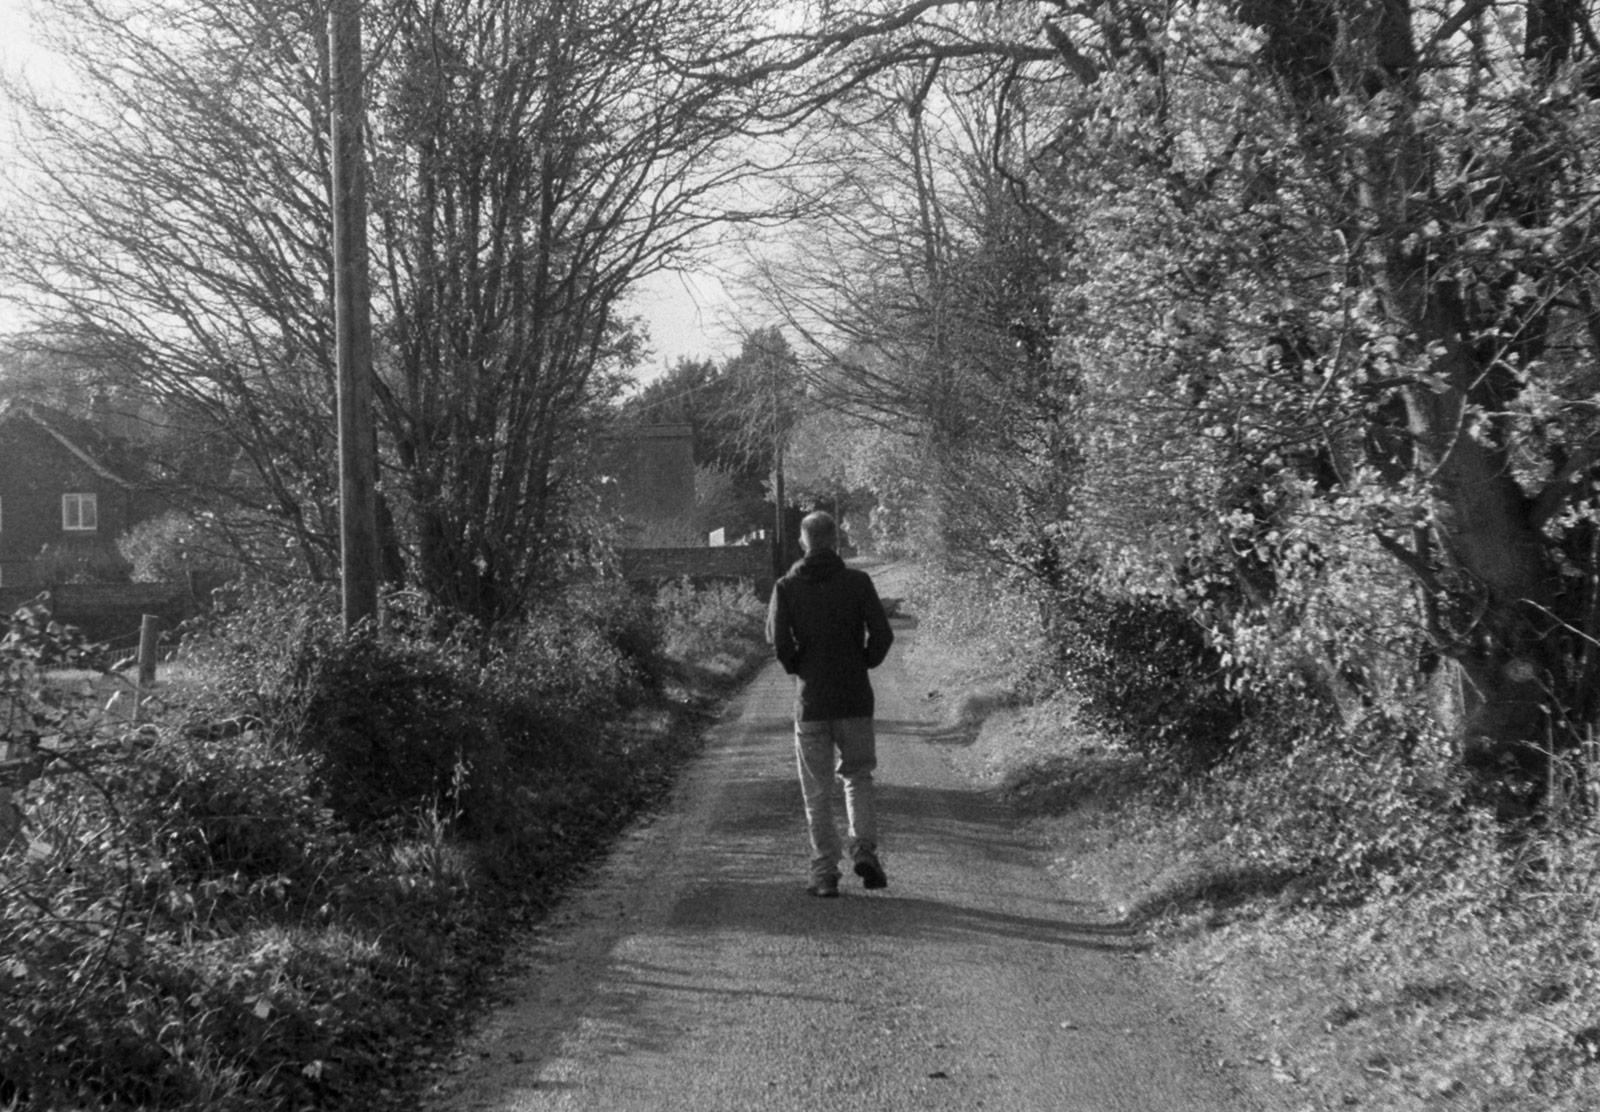 Man walking down lane